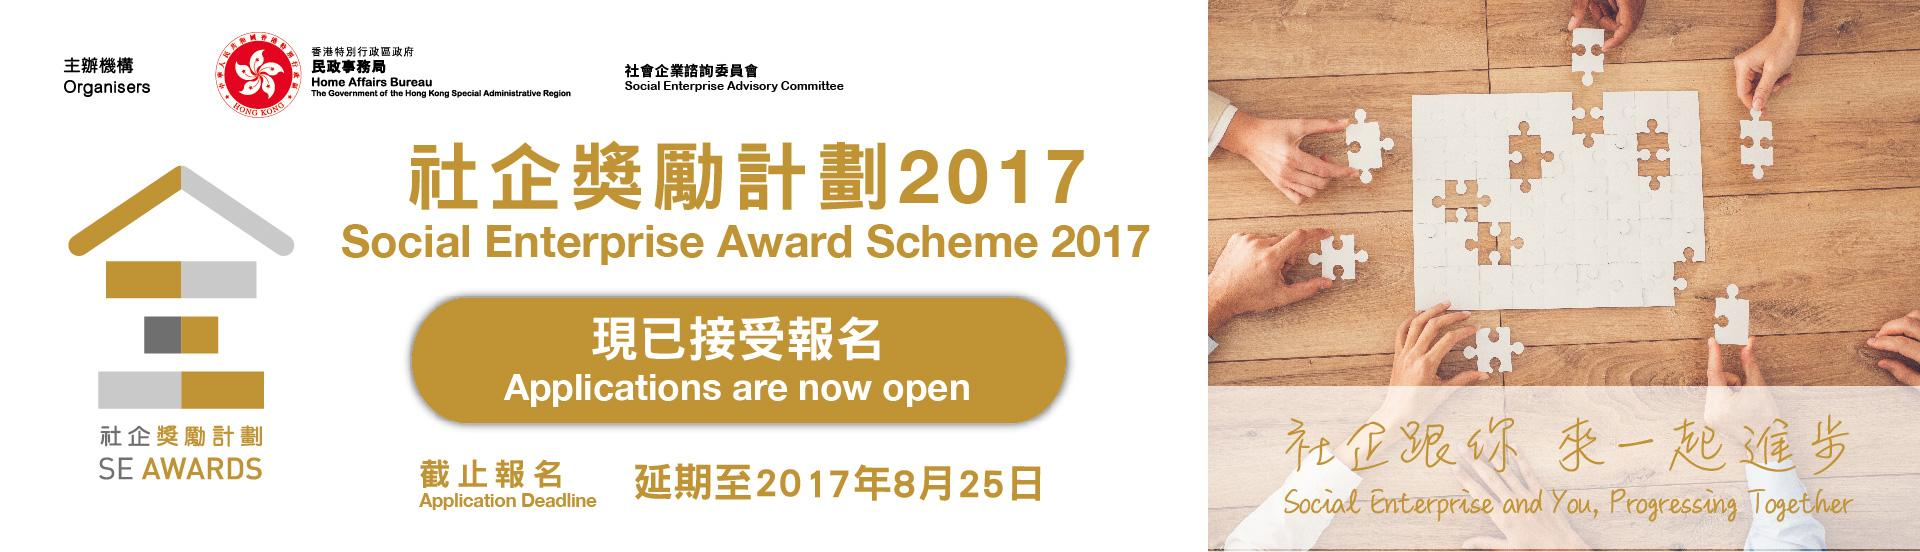 SE_Award